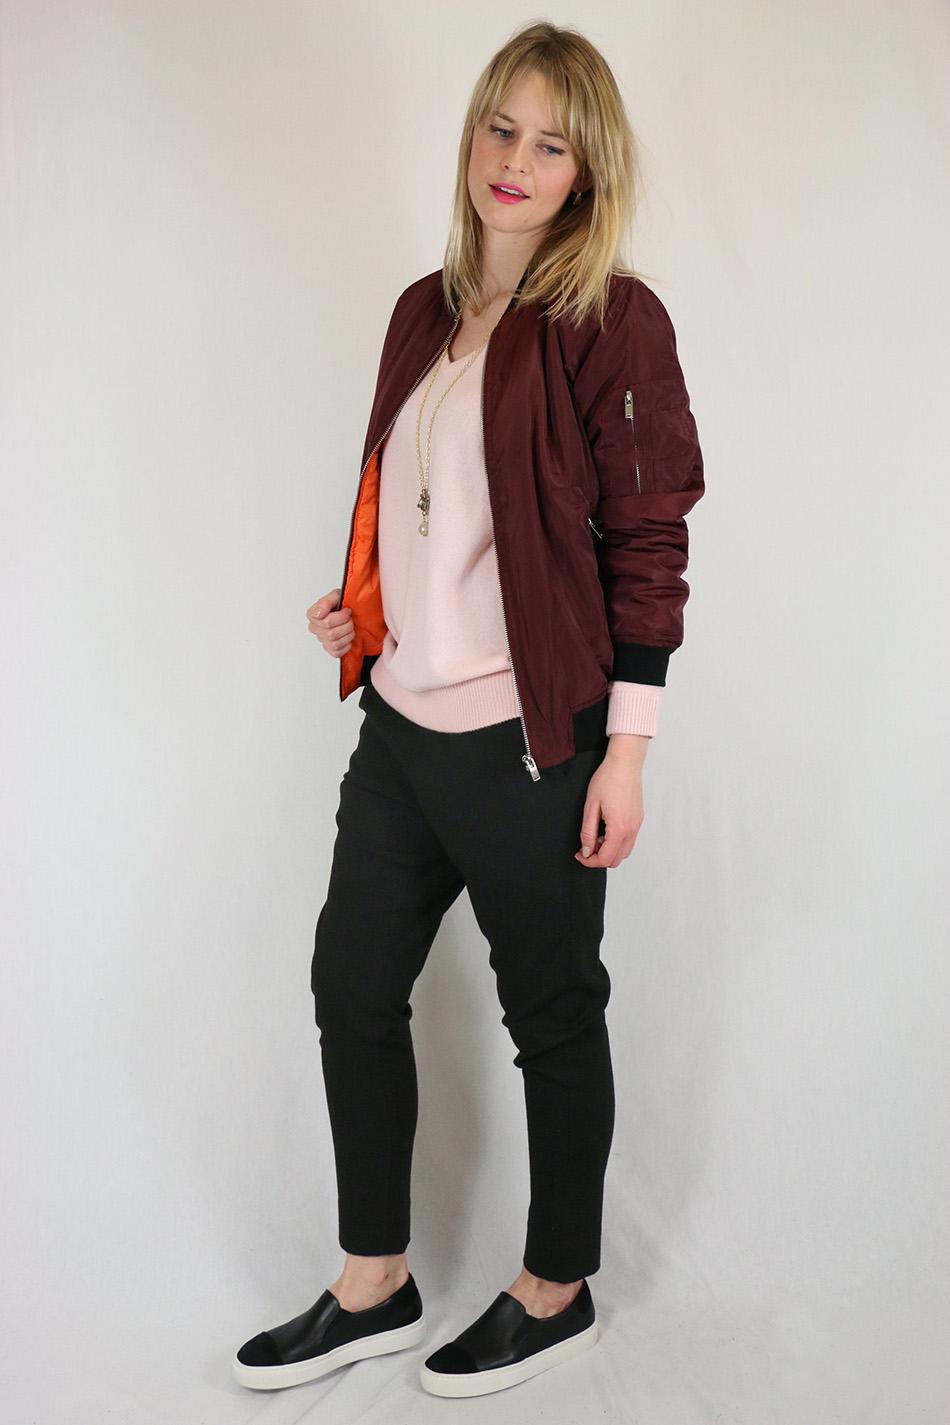 Fringe and Doll Burgundy Bomber jacketIMG_0643